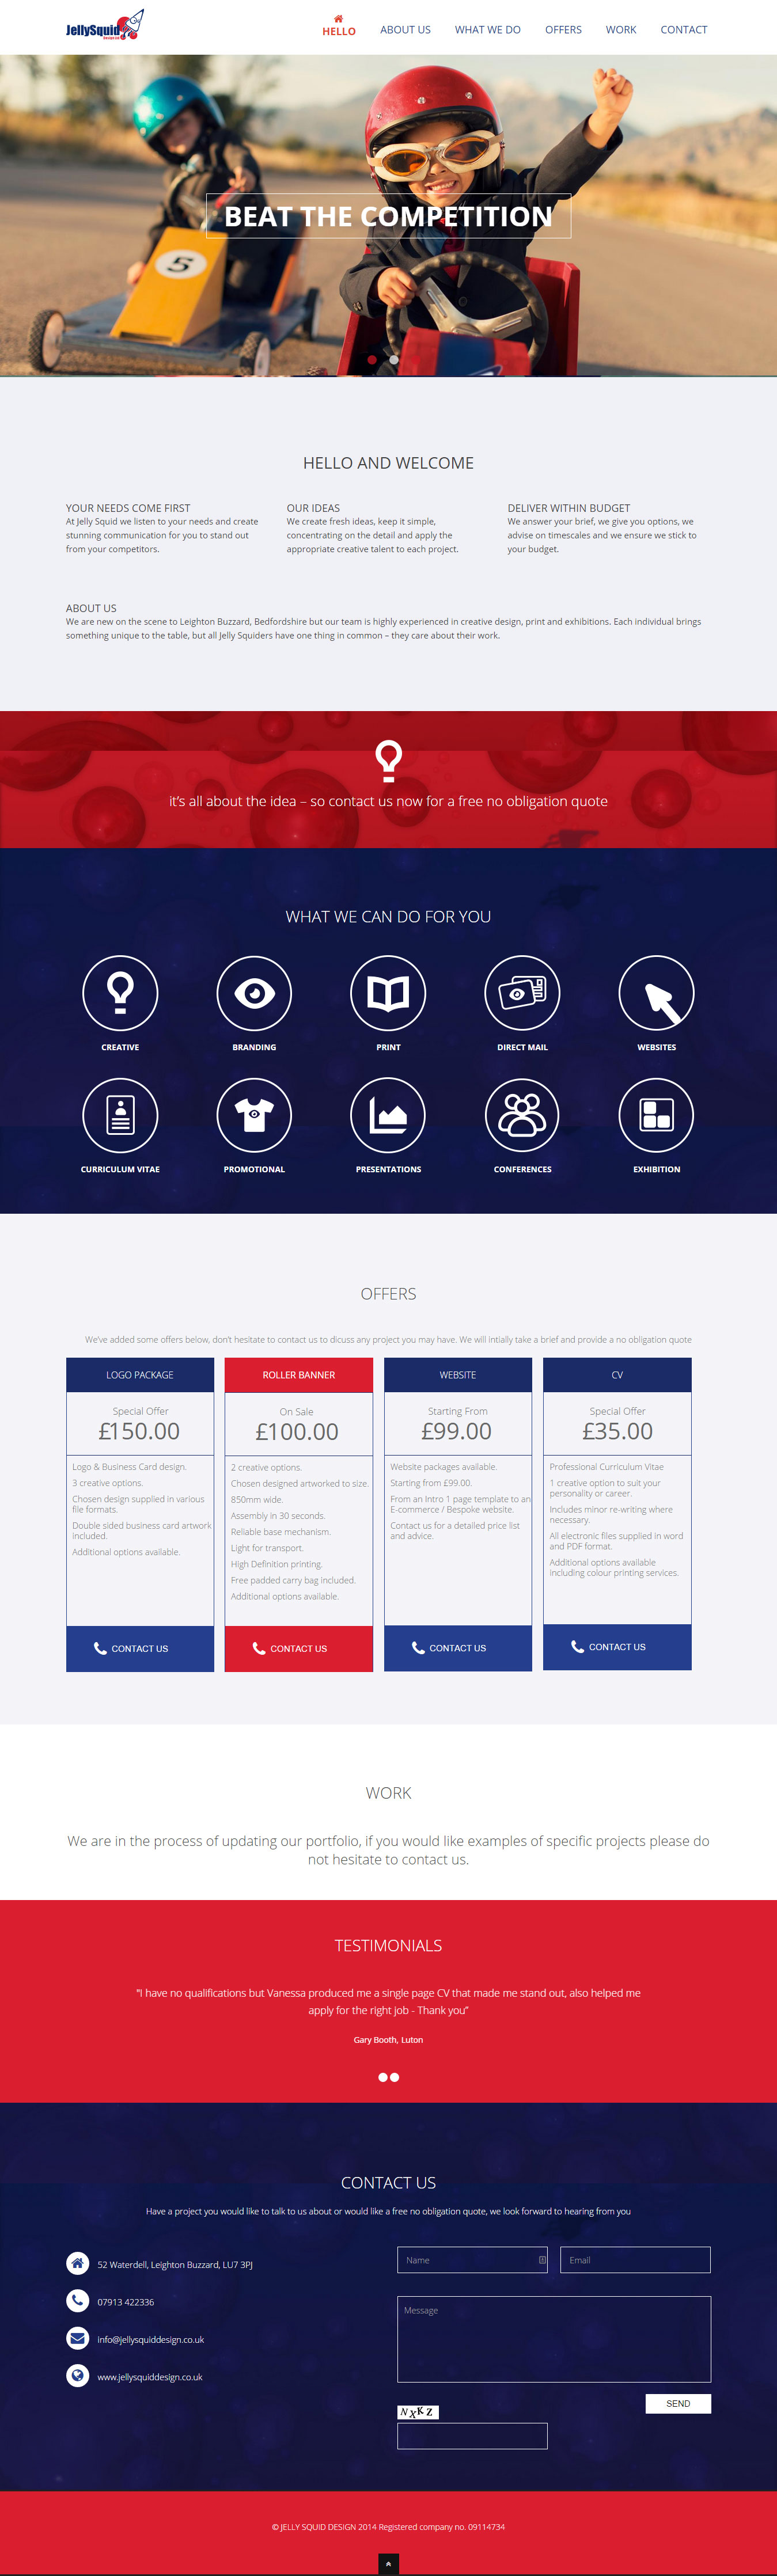 Adding Portfolio On Http Raseahmed Com Web Design Portfolio Web Development